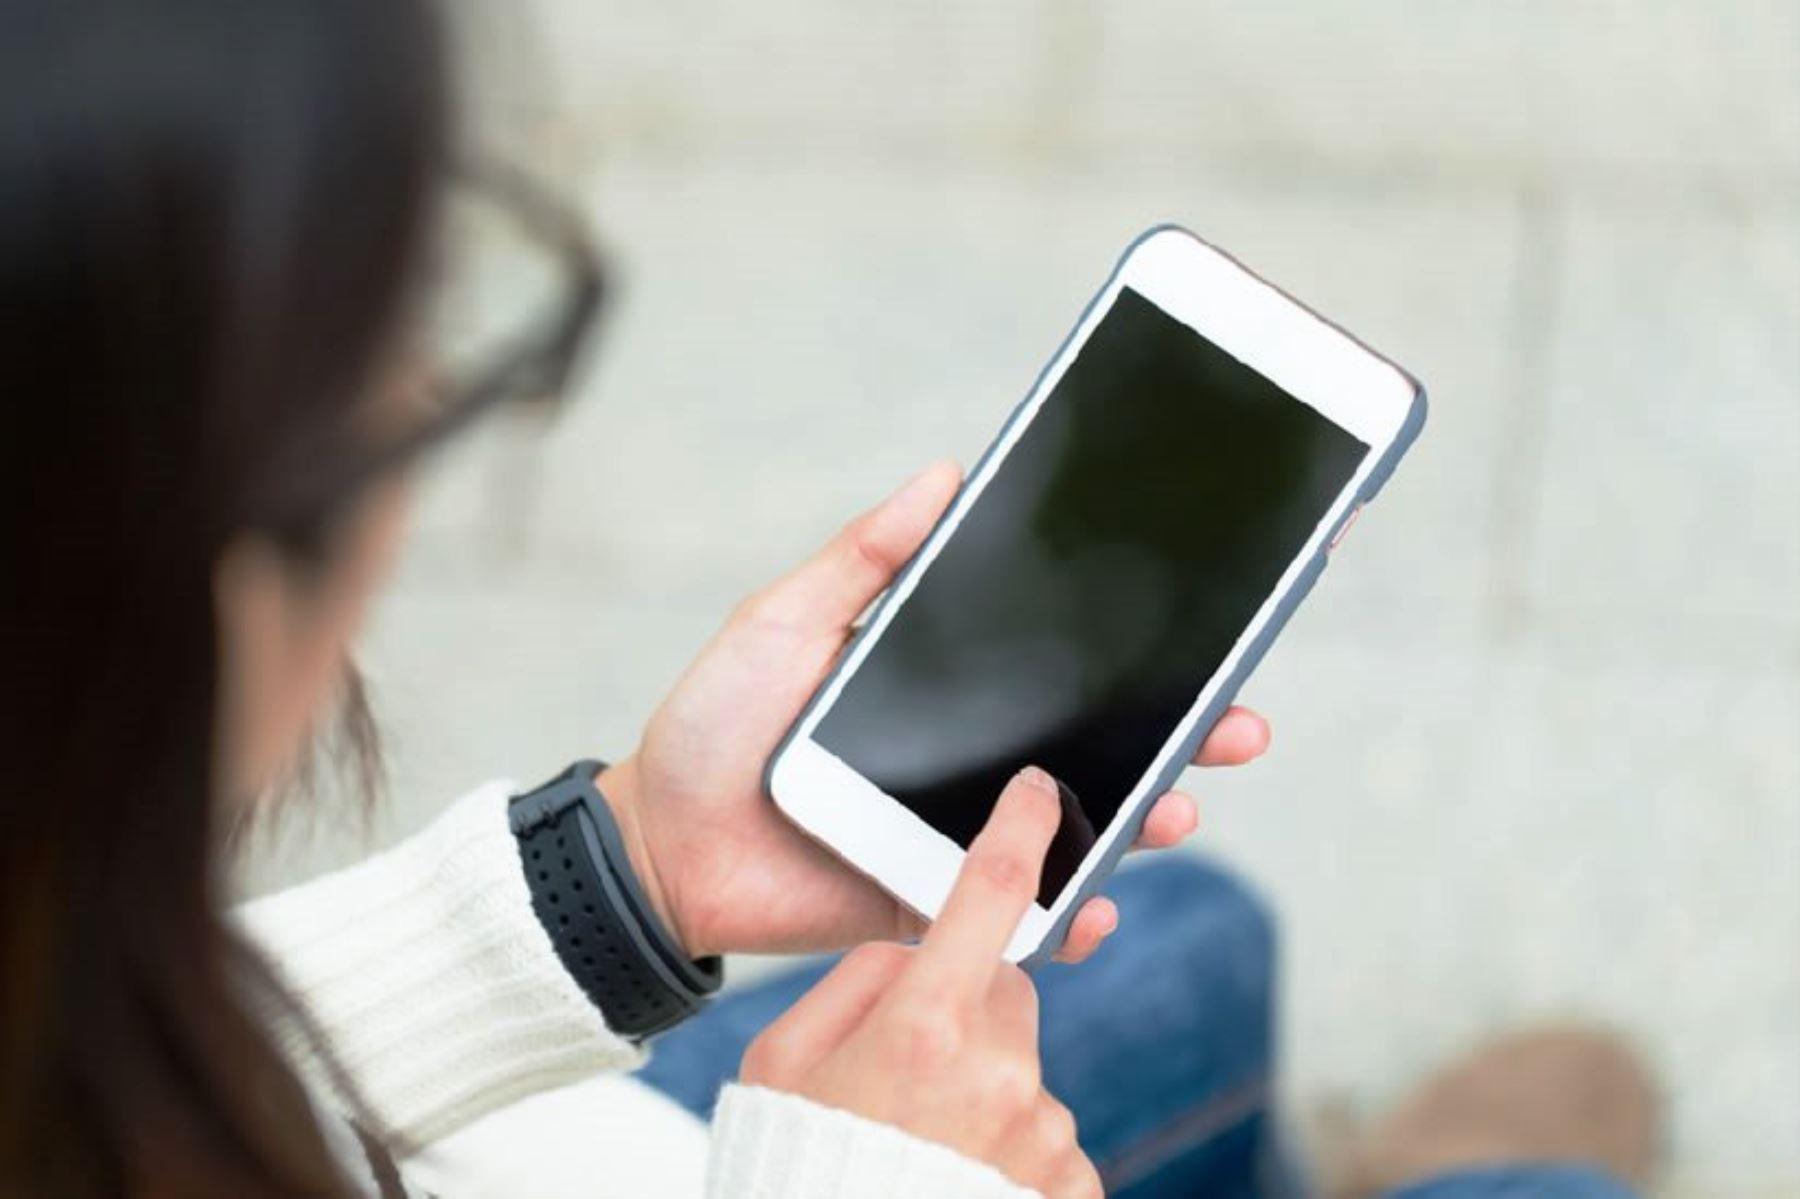 ¿Cómo saber si mi celular será bloqueado por Opsitel?